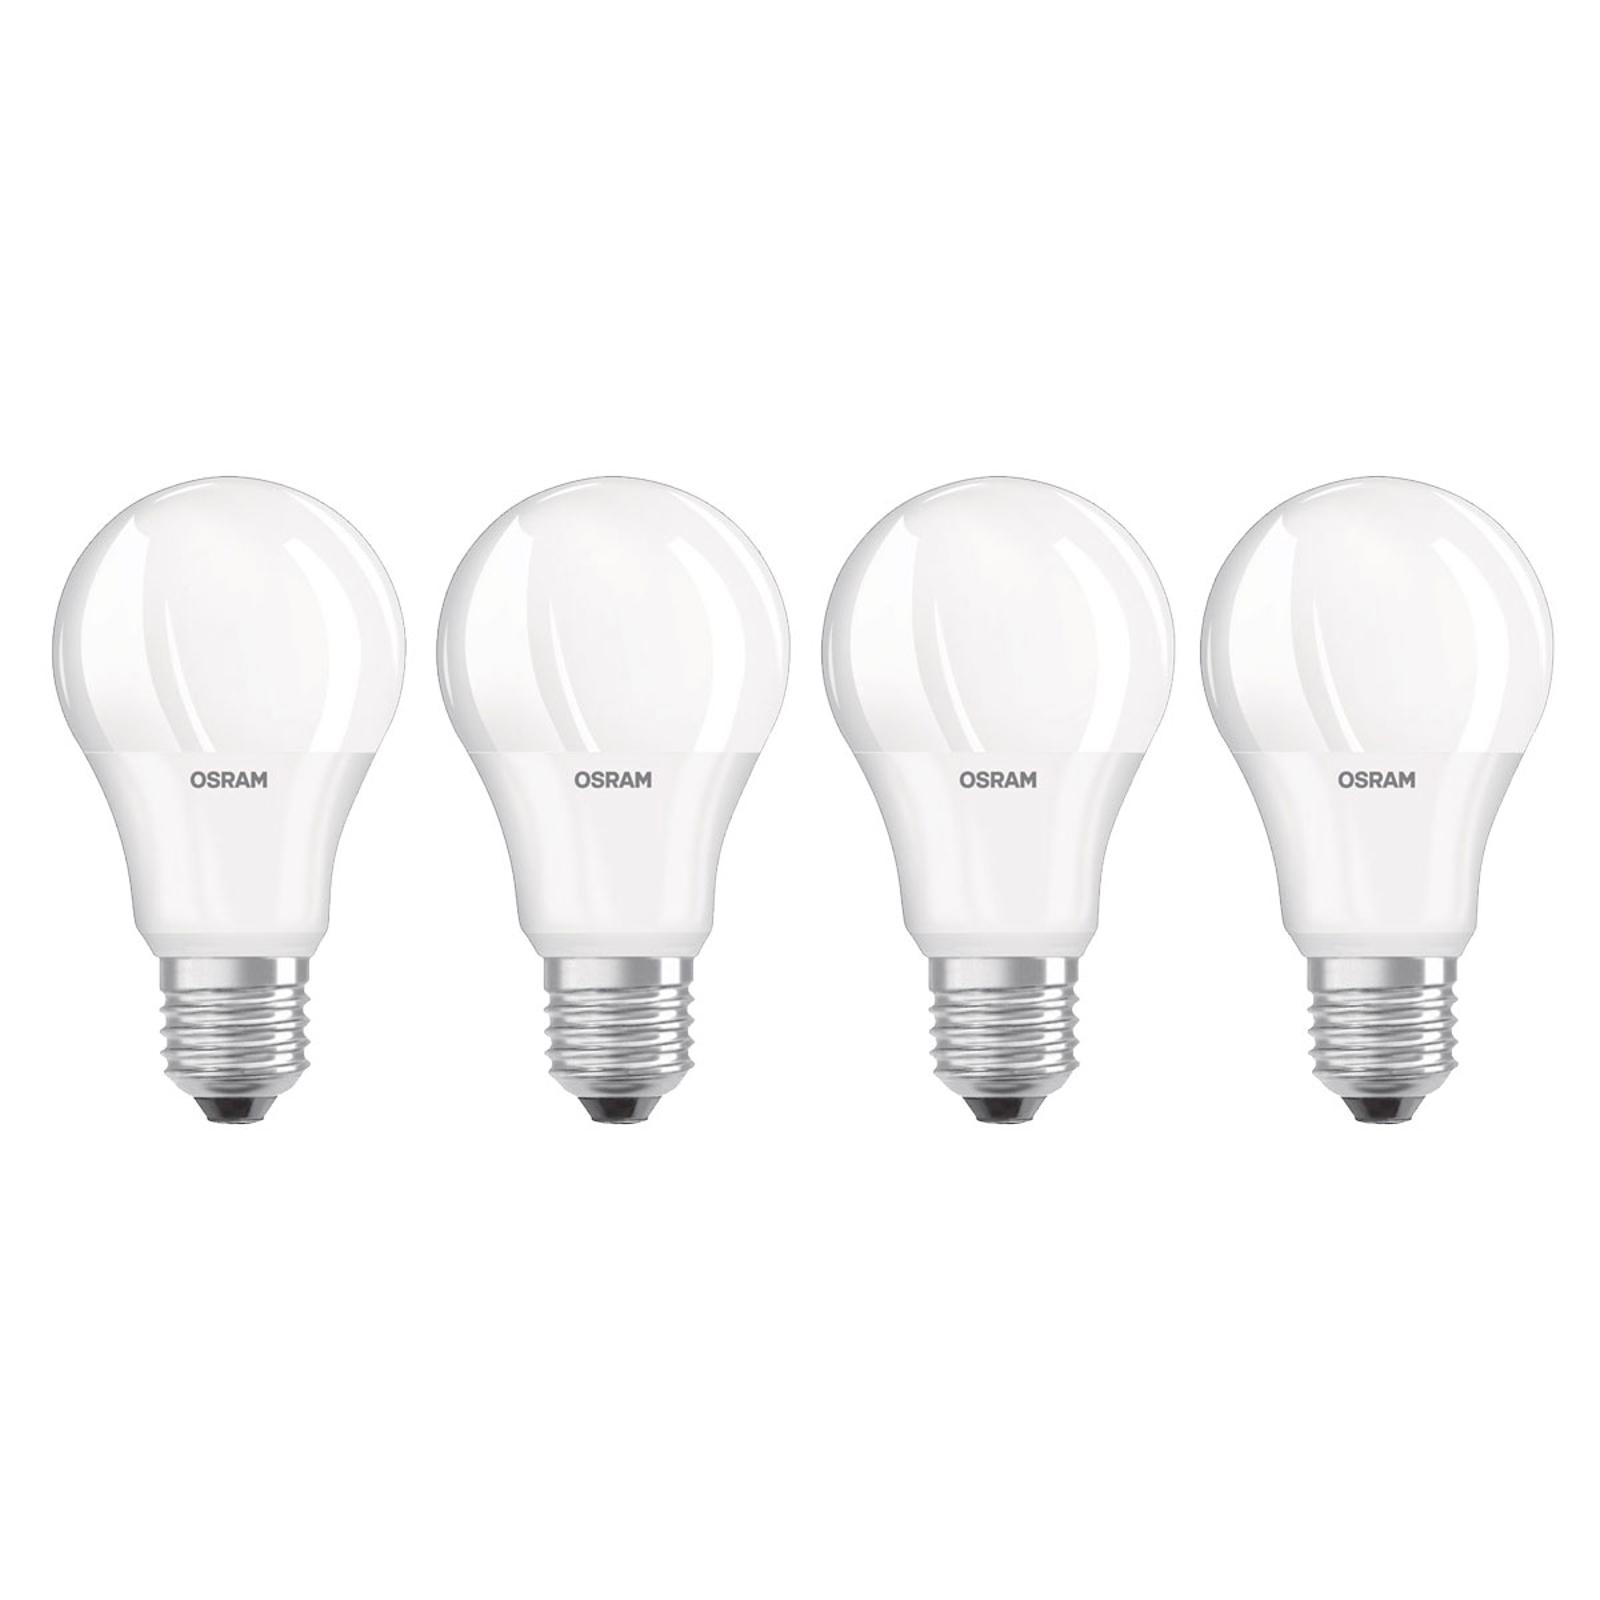 OSRAM LED-Lampe E27 Base Retro 9W matt 4er 2.700K